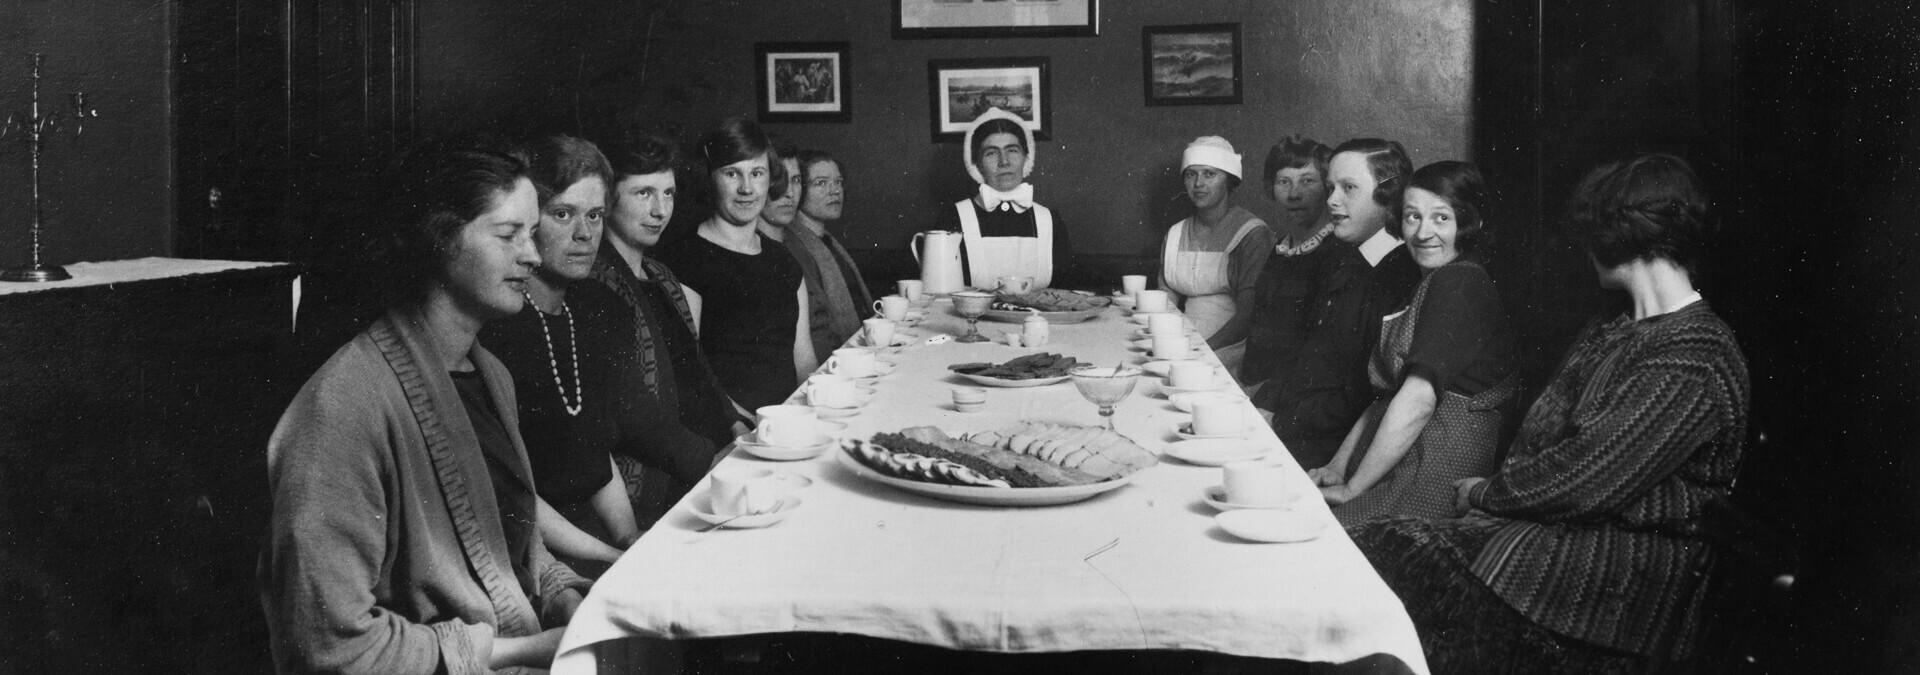 Beboere og personalet er samlet til fællesspisning, Kvindehjemmets historie